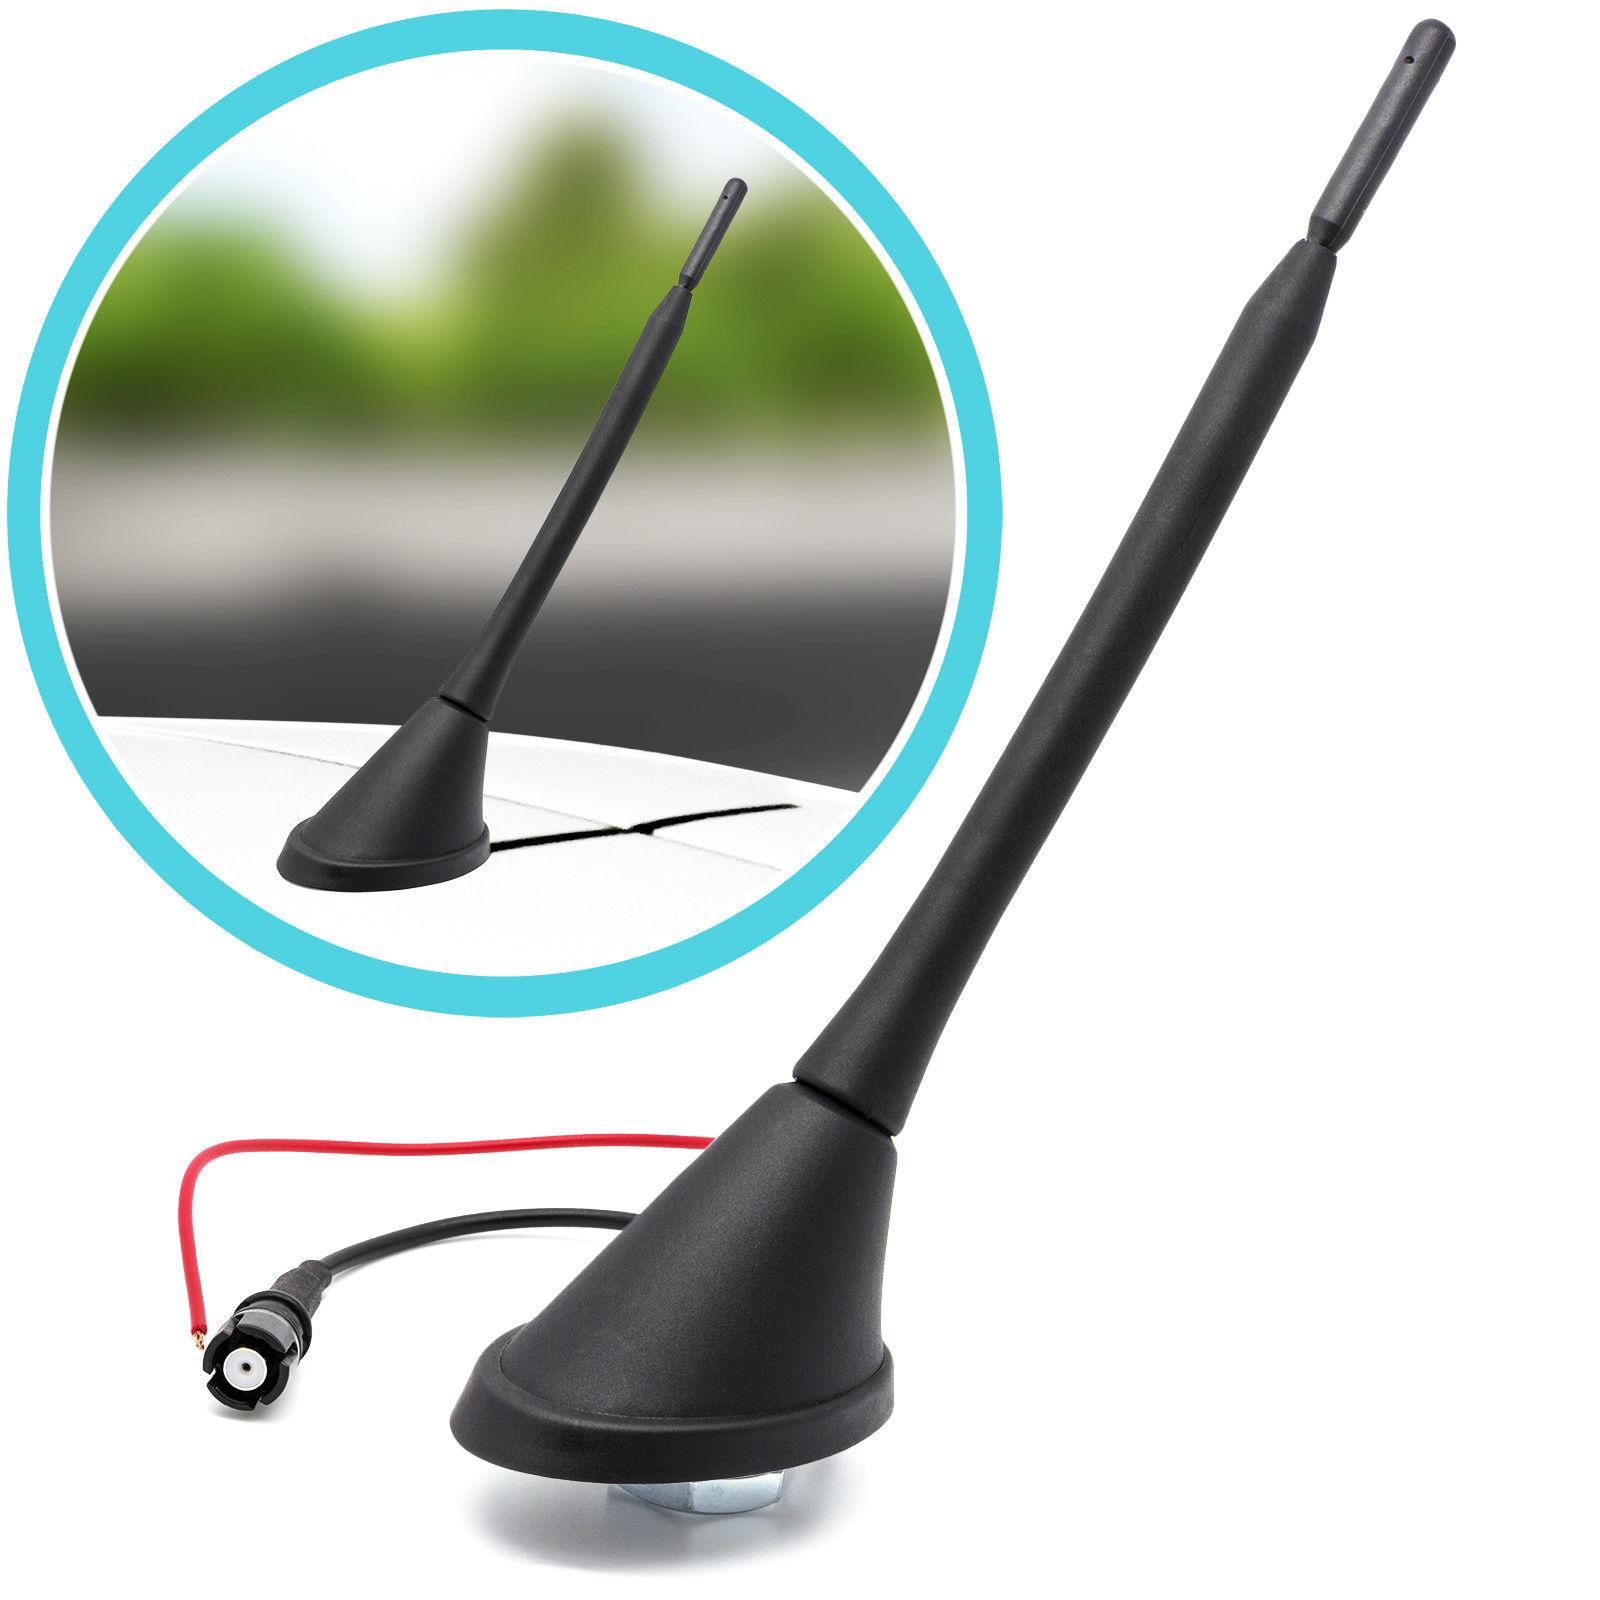 alimentation fant/ôme antenne pied Socle M5/pour Suzuki Noir/ /Voiture Toit Antenne radio Universe Tige antenne RAKU 2/II 40/cm avec amplificateur adaptateur